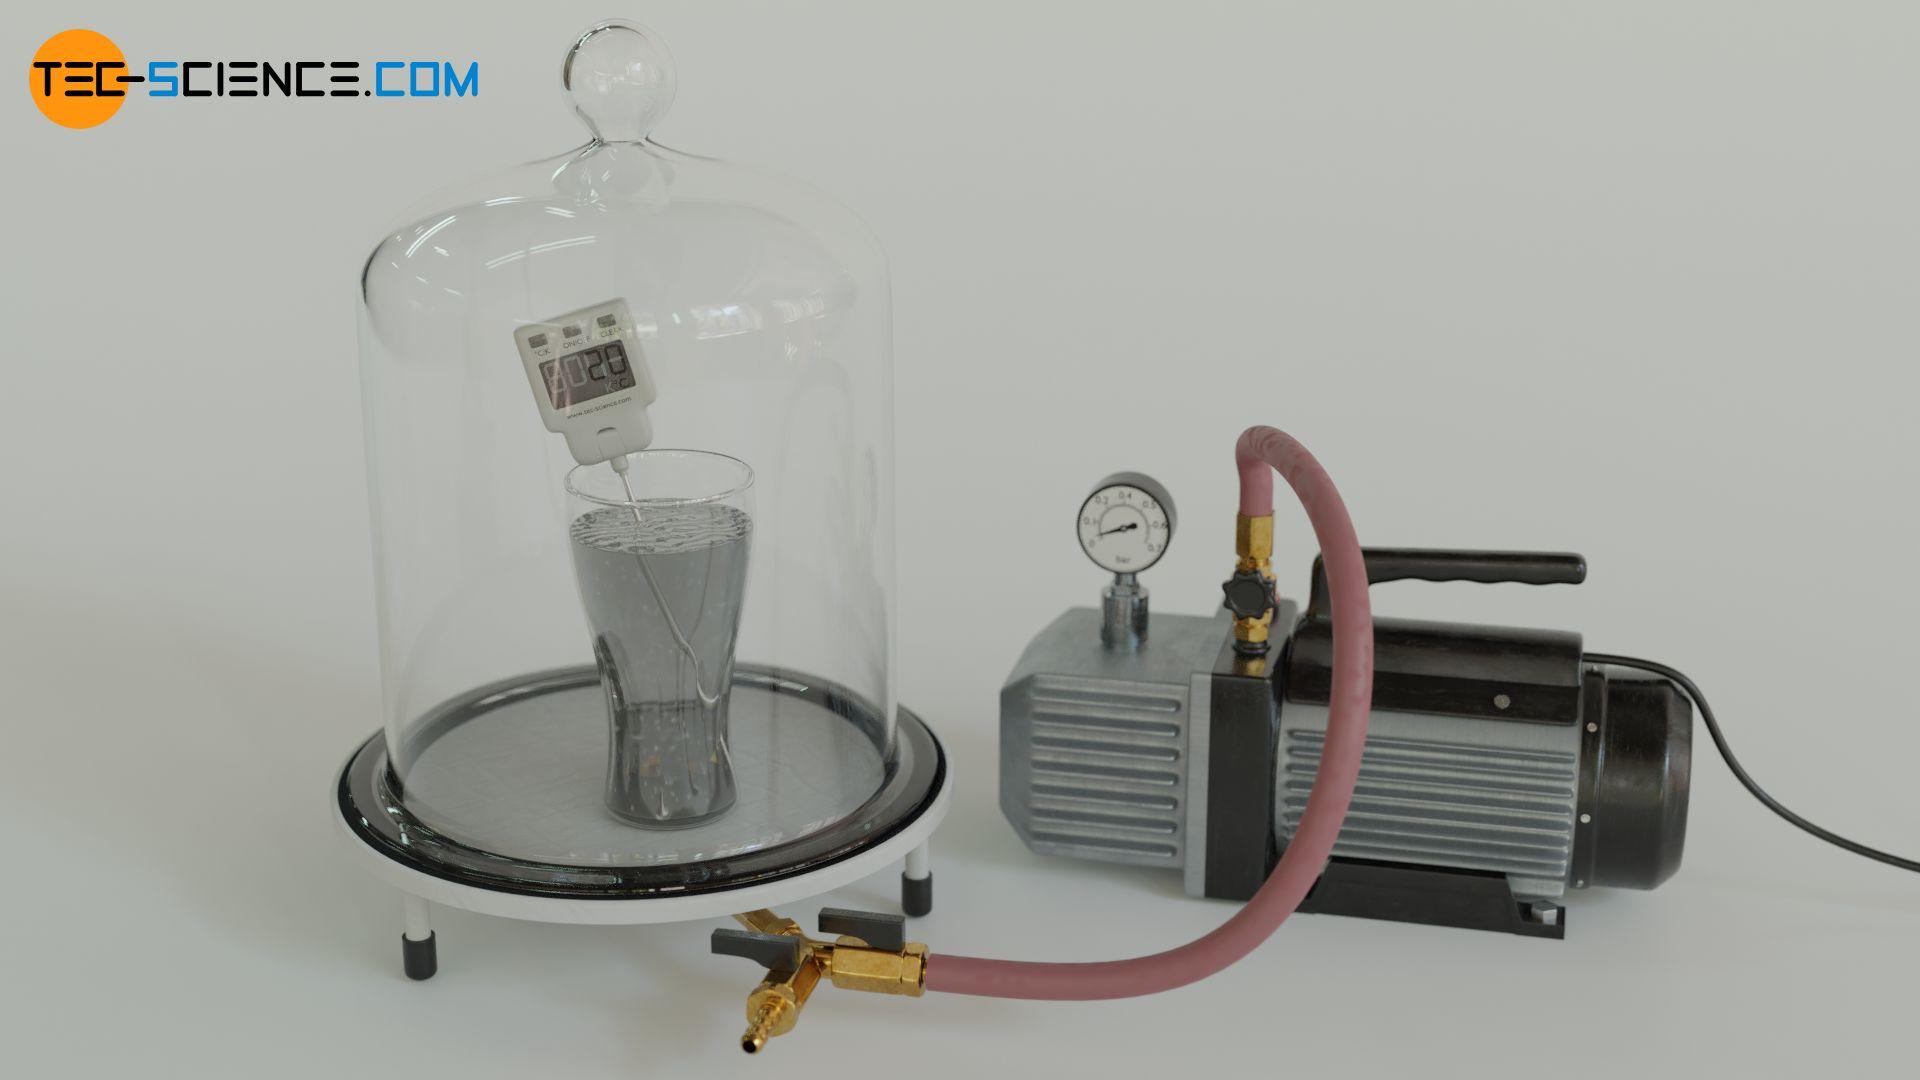 Demonstration zur Verringerung des Siedepunktes von Wasser bei abnehmendem Druck mit Hilfe einer Vakuumpumpe